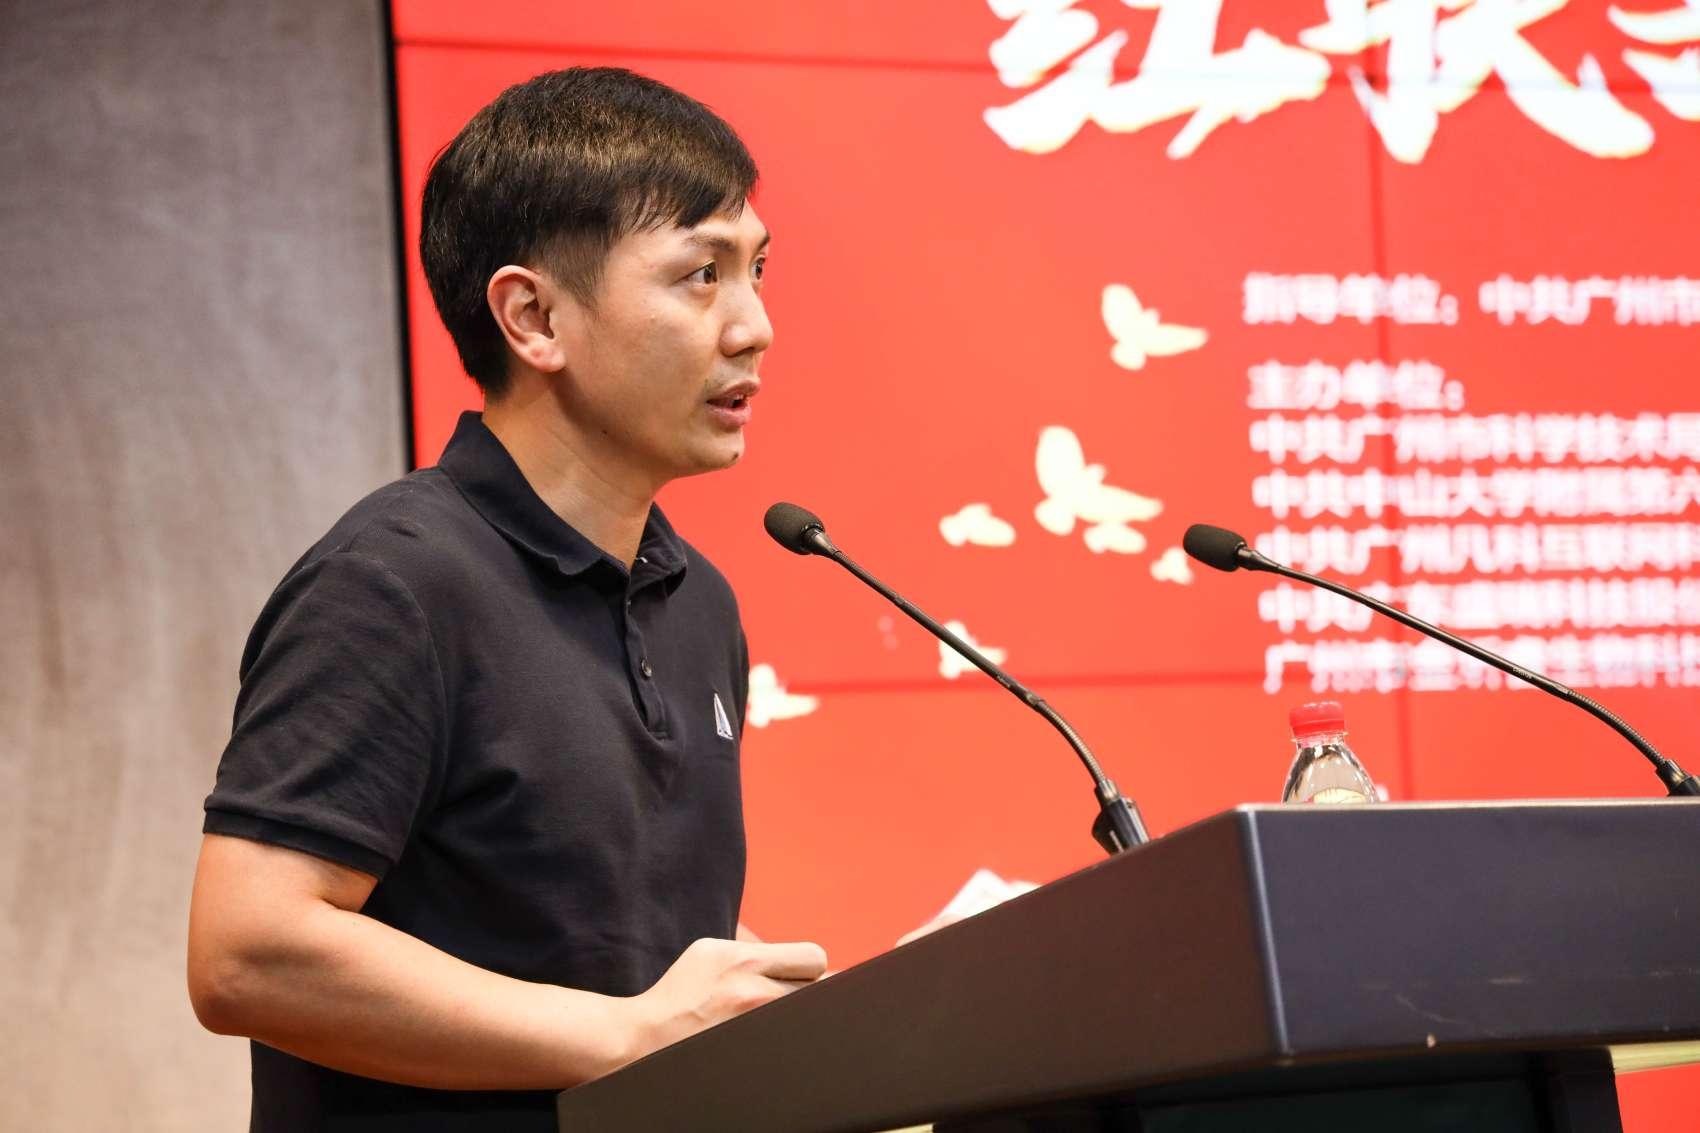 广州凡科互联网科技股份有限公司联合创始人兼副总经理江杰